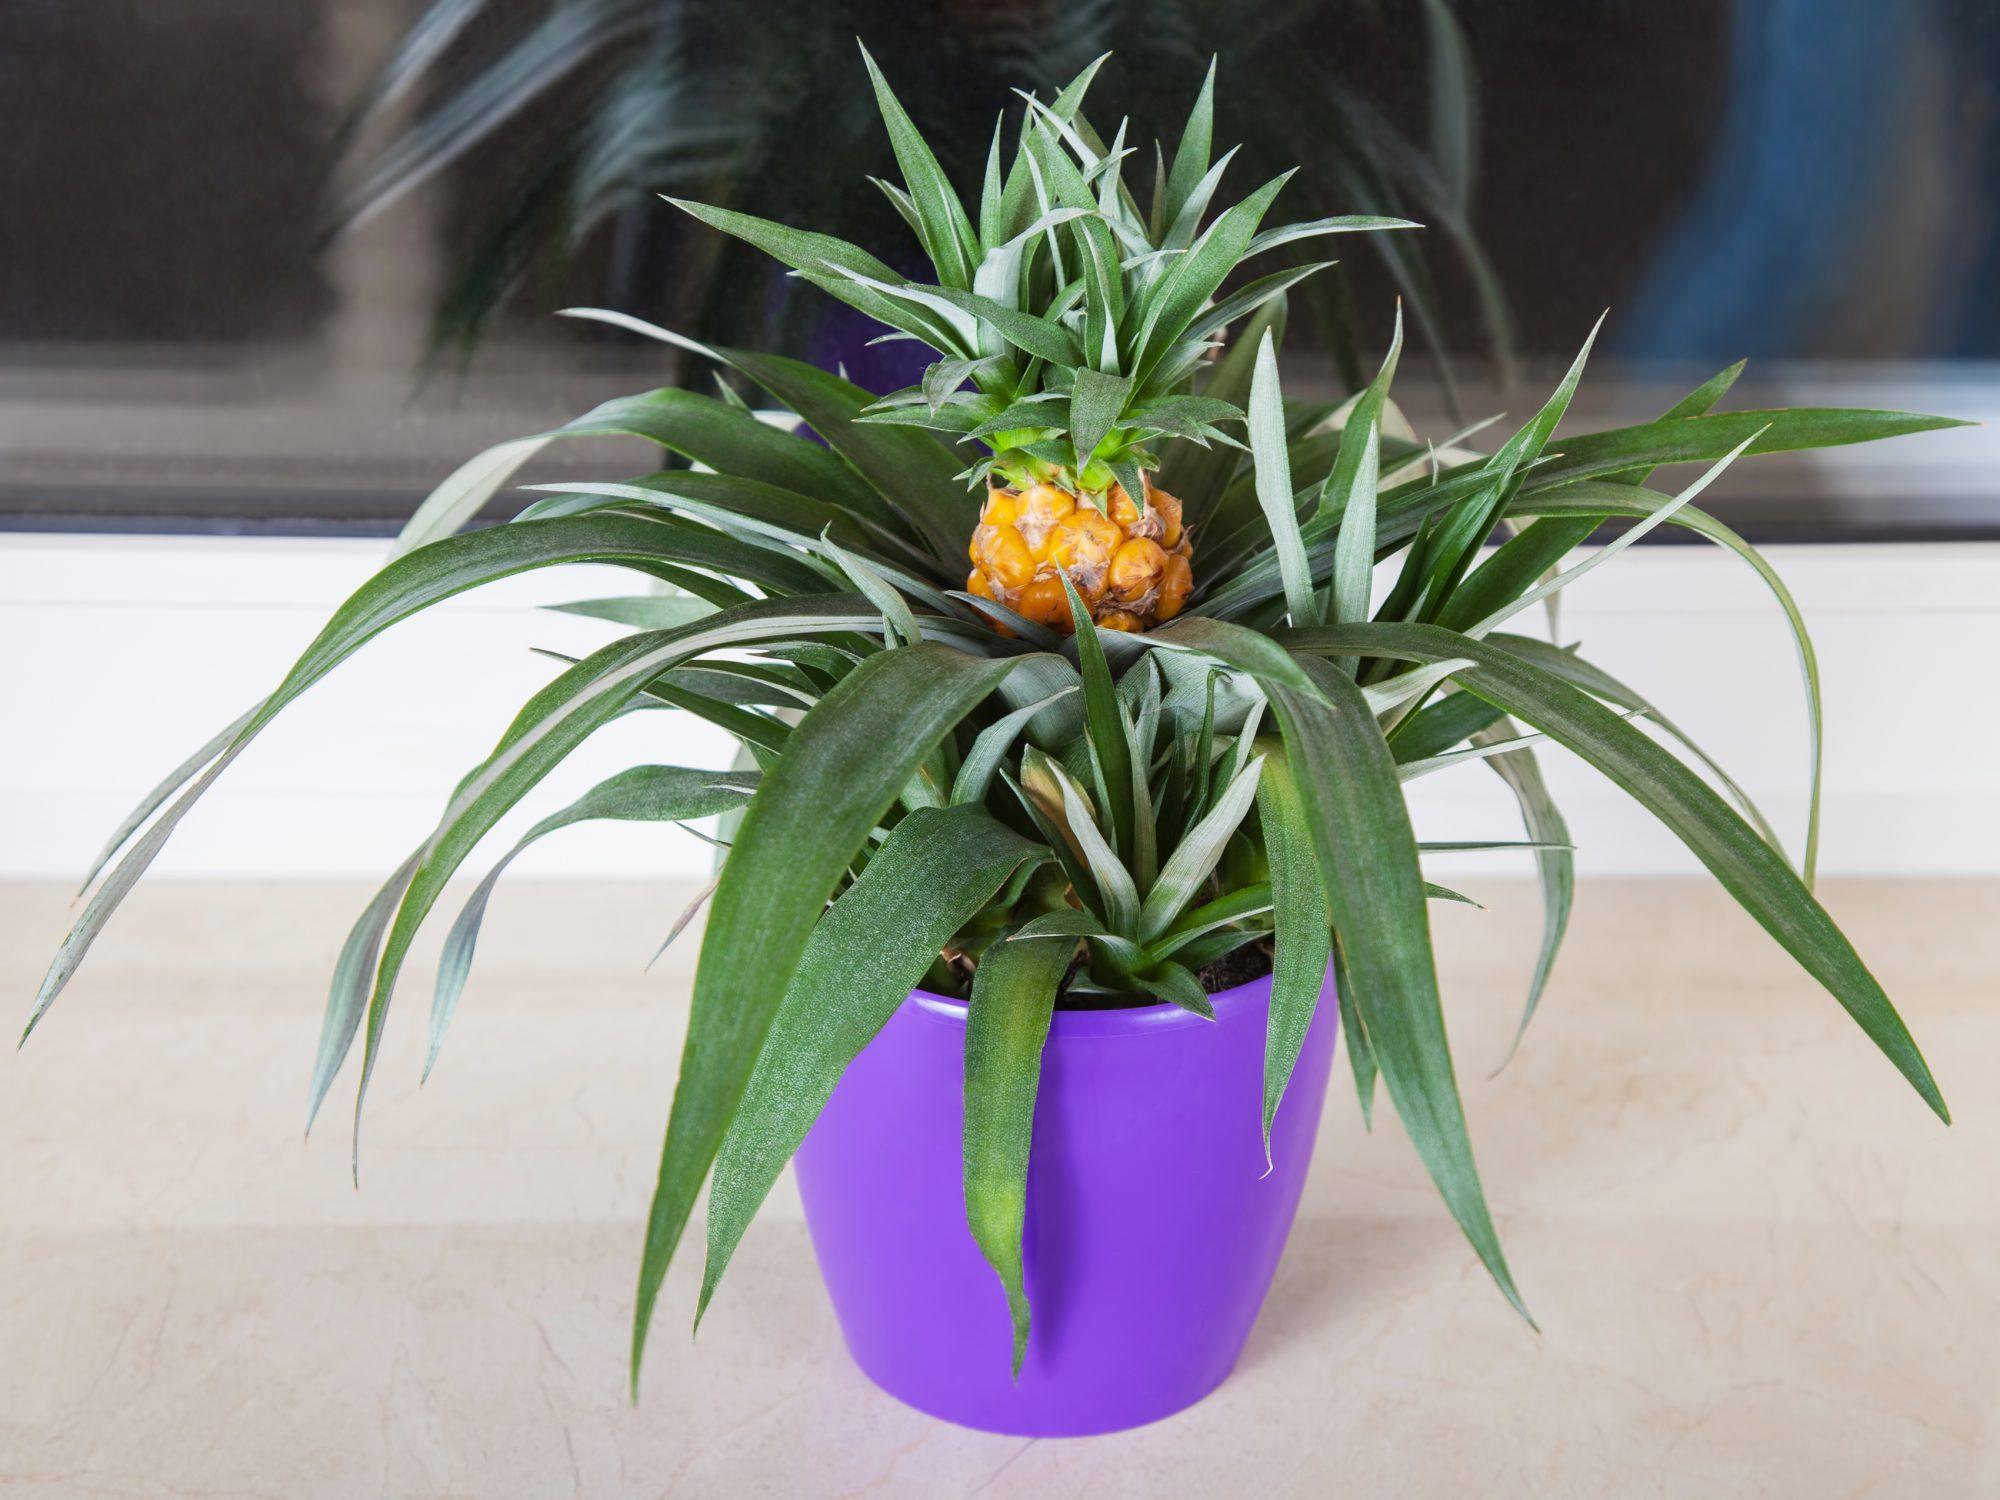 Pineapple in purple pot Getty 5/1/20